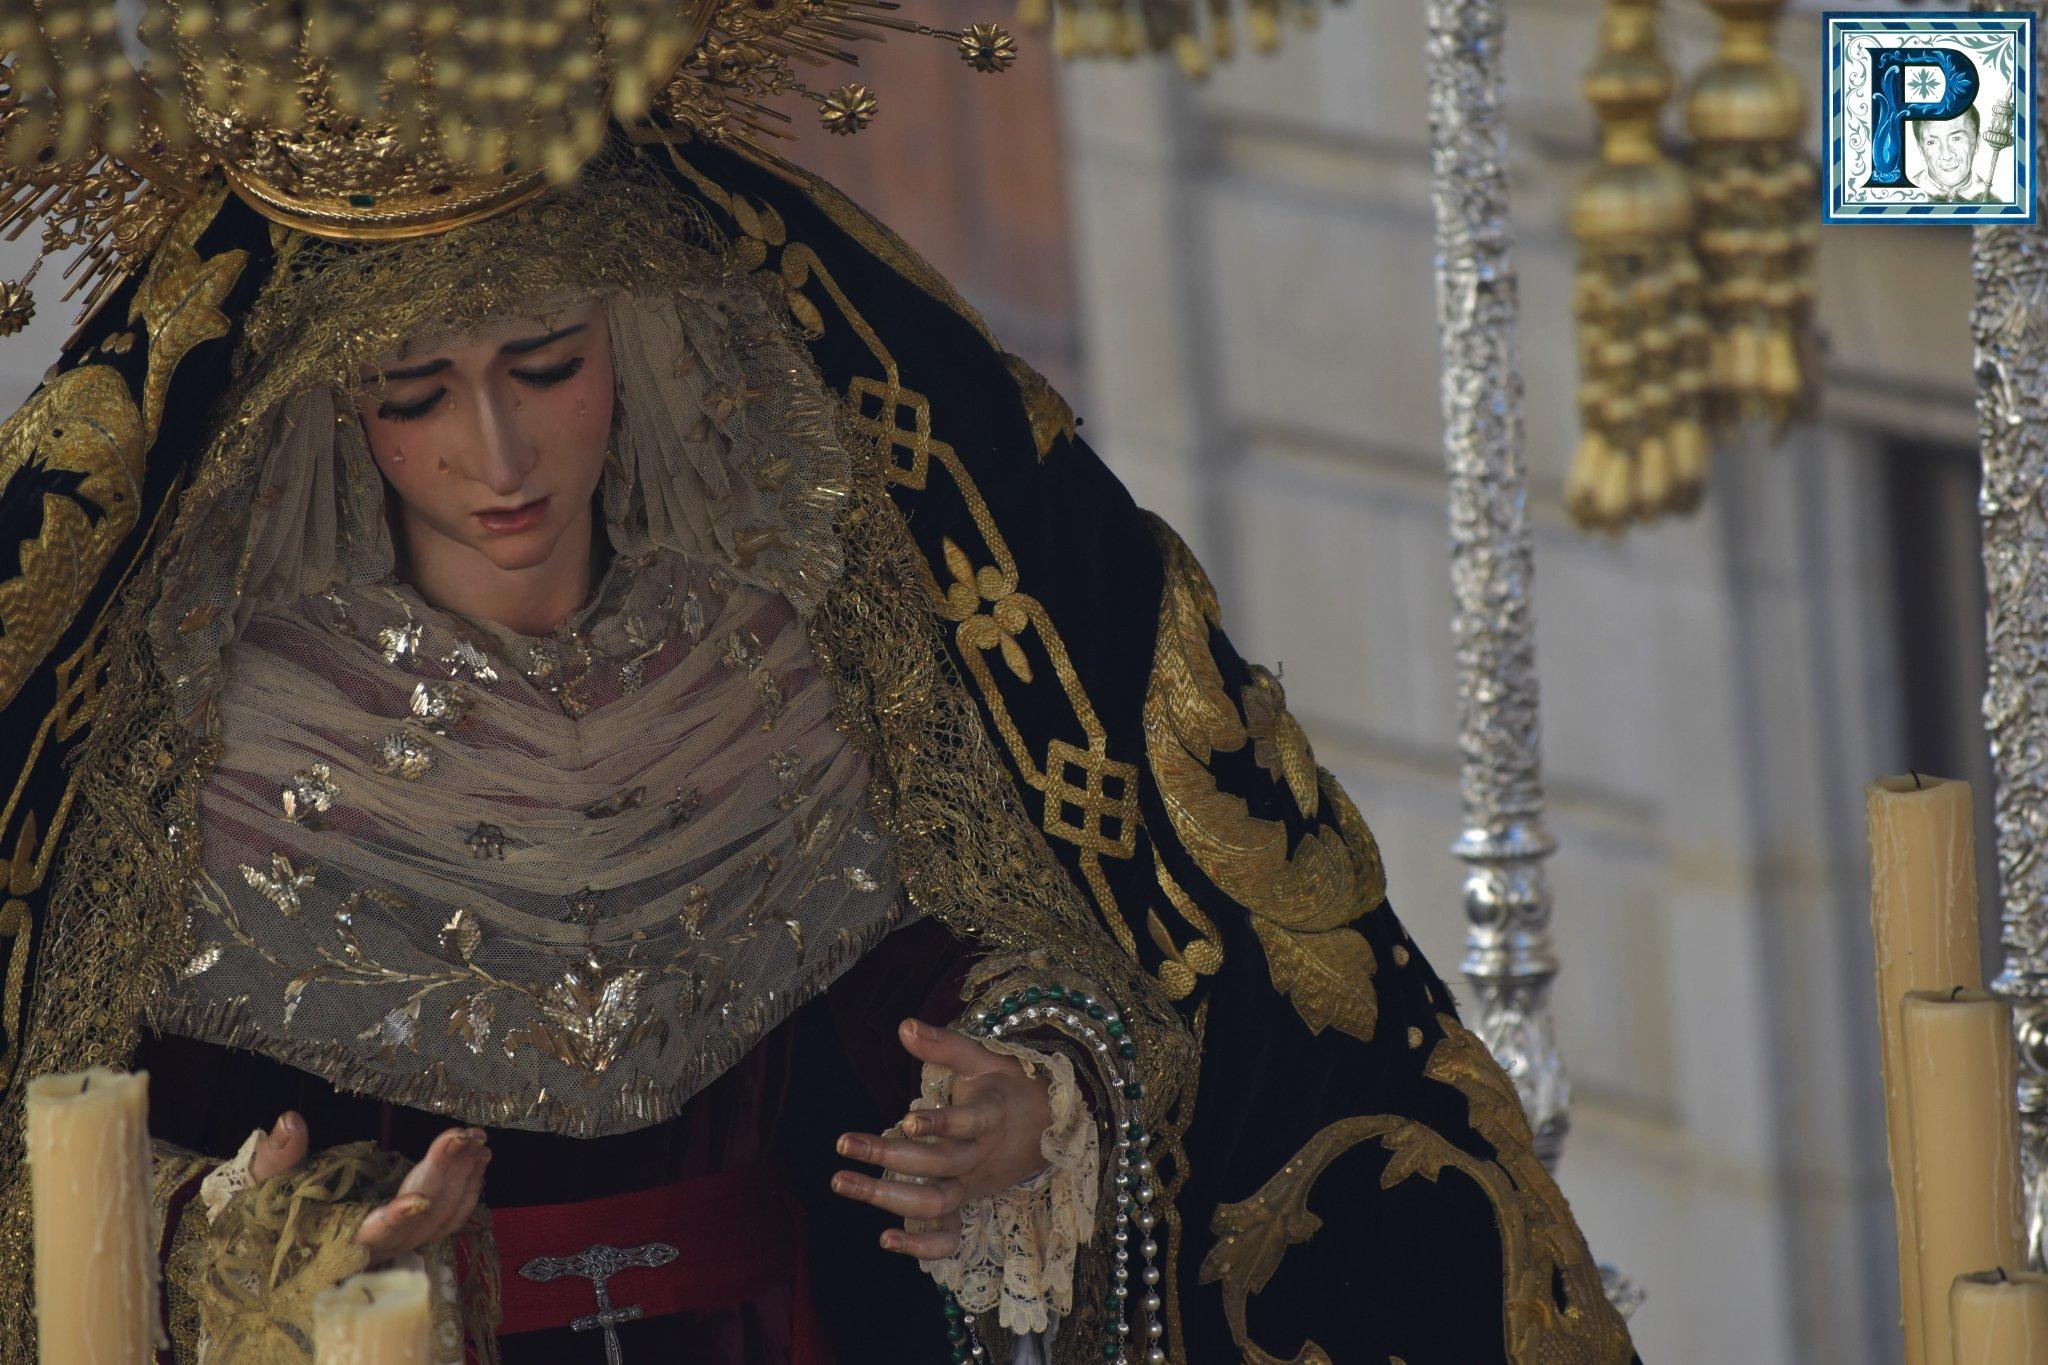 El traslado de la Virgen de la Piedad a la Merced desde el objetivo de Lucas Álvarez